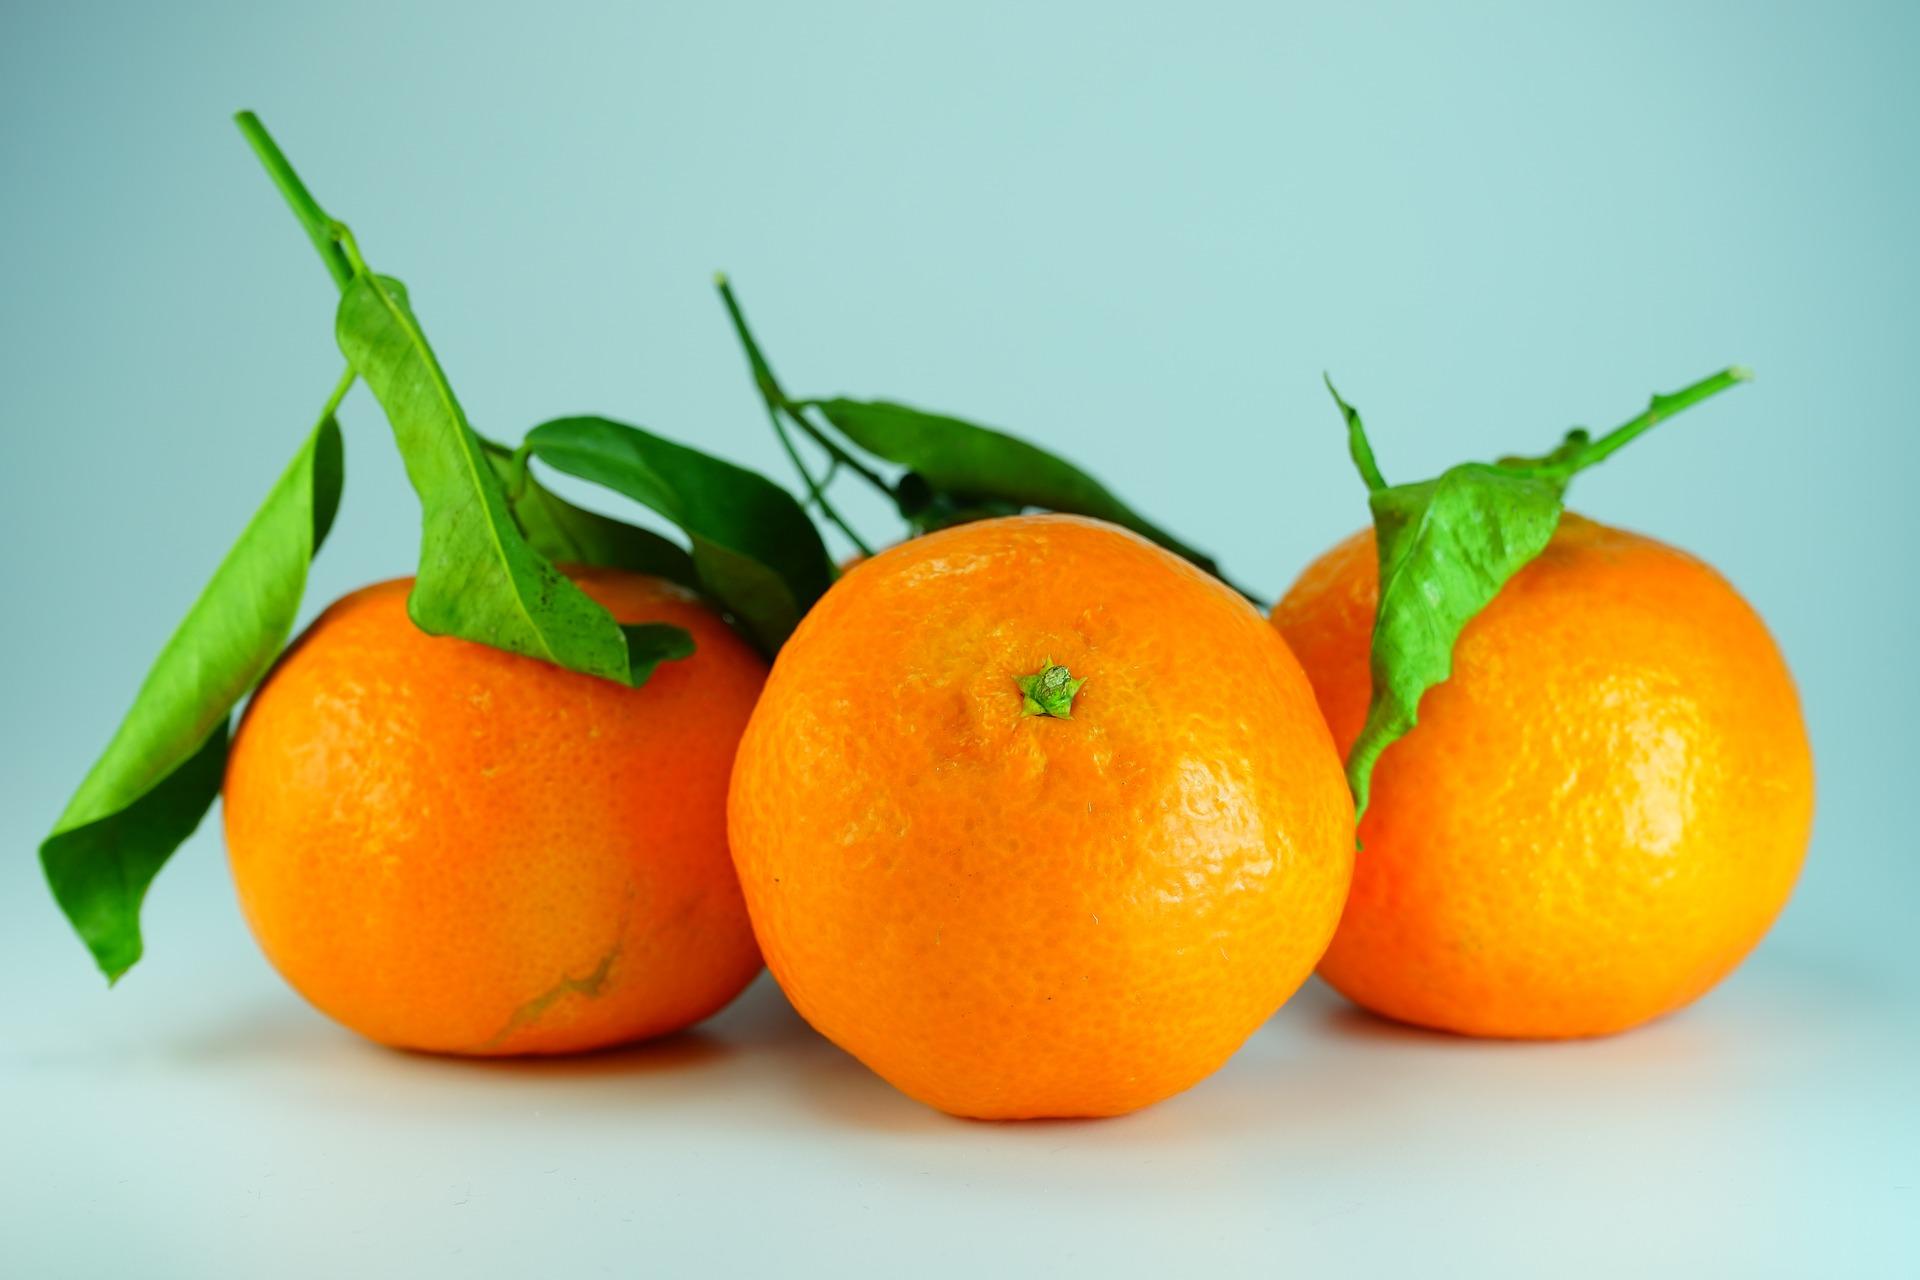 SiLaVidaTeDaNaranjas-come-mandarinas